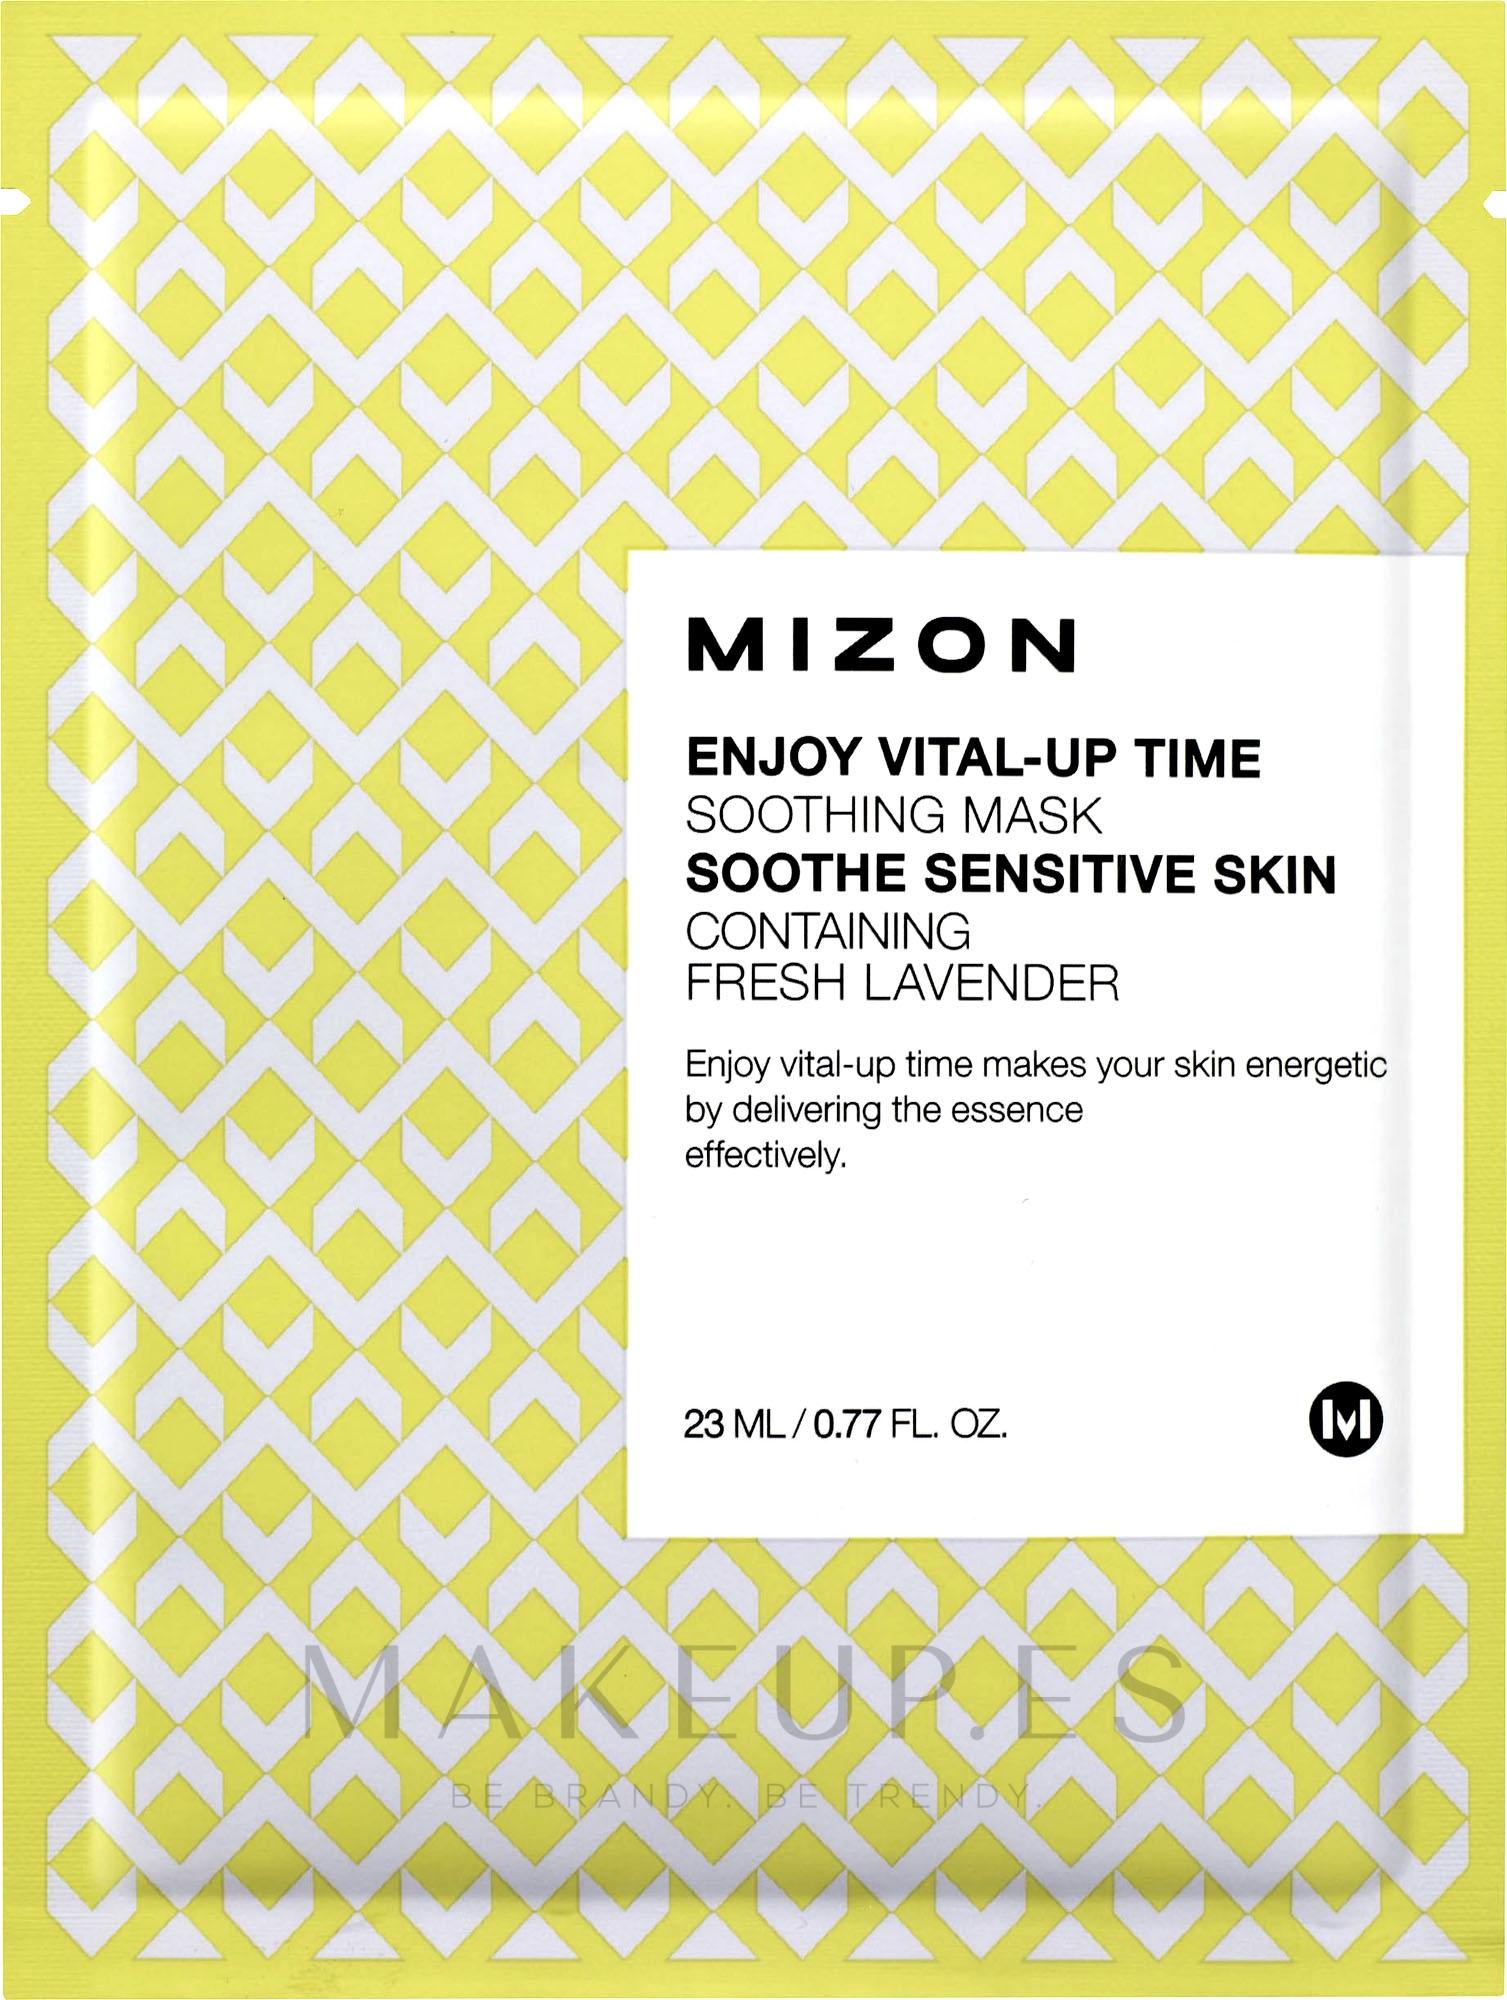 Mascarilla facial natural de algodón con vitamina C y betacaroteno - Mizon Enjoy Vital-Up Time Soothing Mask — imagen 23 ml